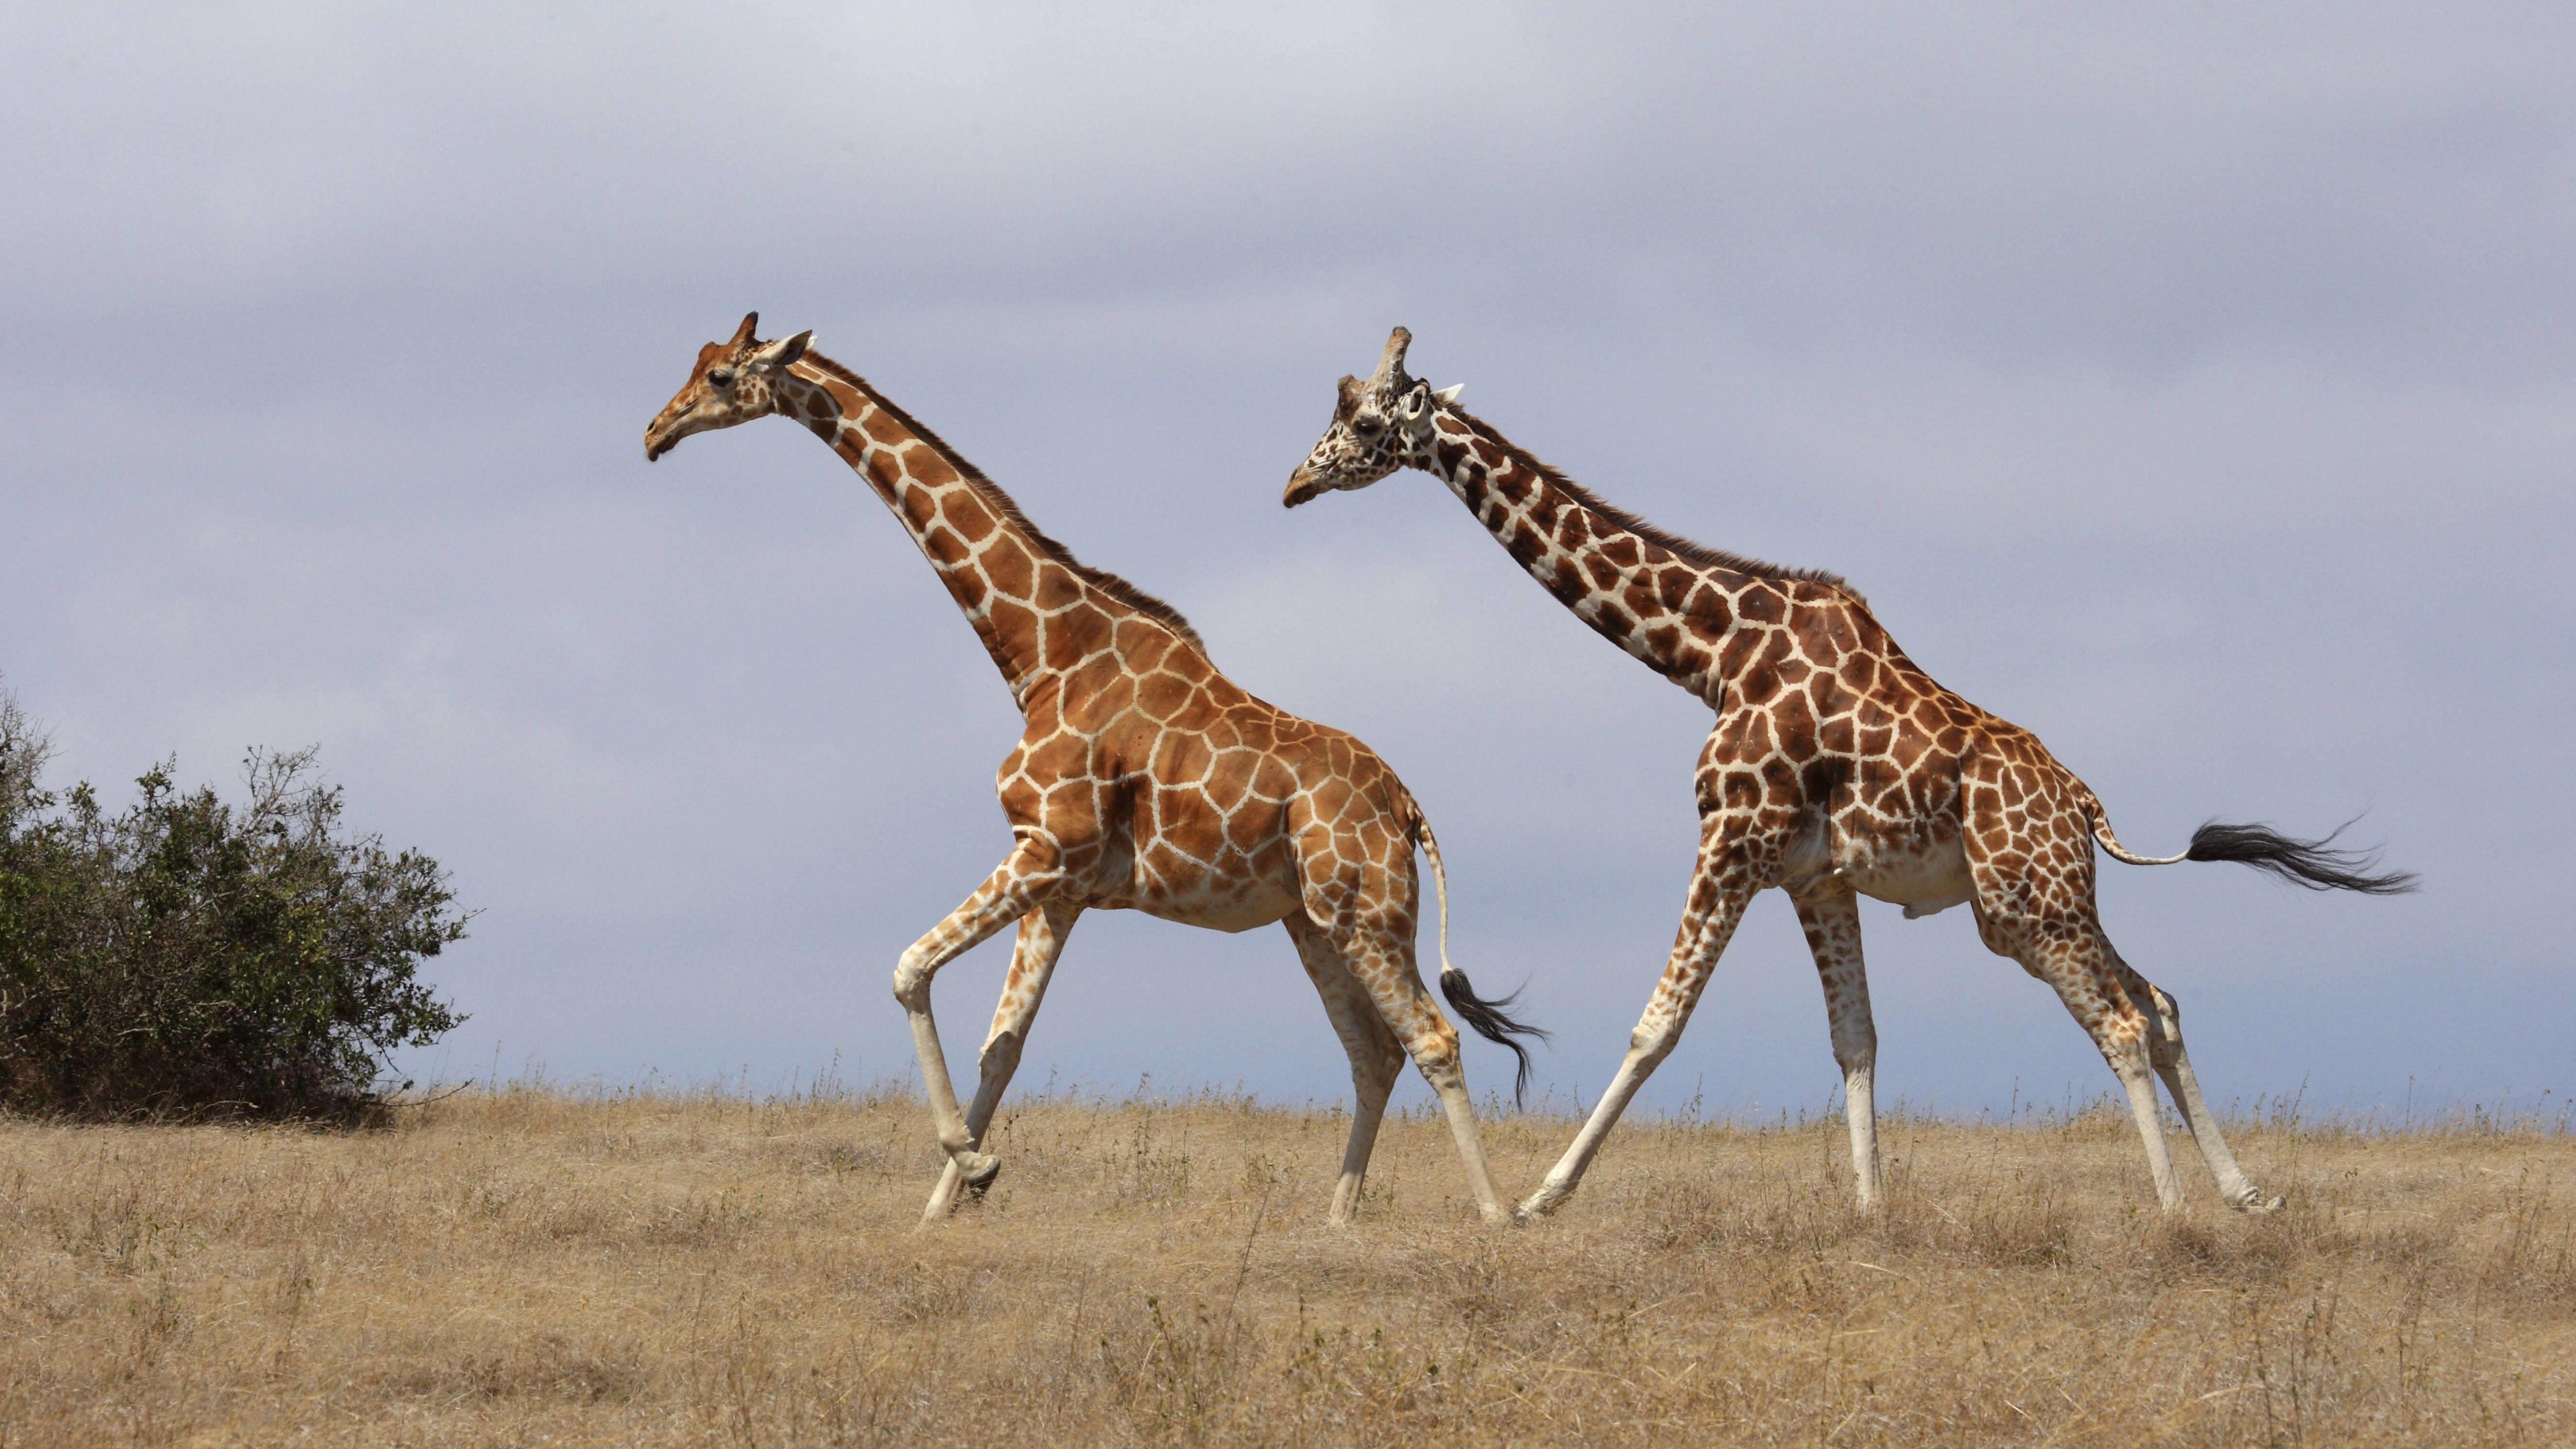 Giraffen im schnellen Lauf über die Savanne: Wie lange werden Giraffen noch durch Afrika streifen? Die Bestandszahlen sind in den vergangenen Jahrzehnten erschreckend eingebrochen